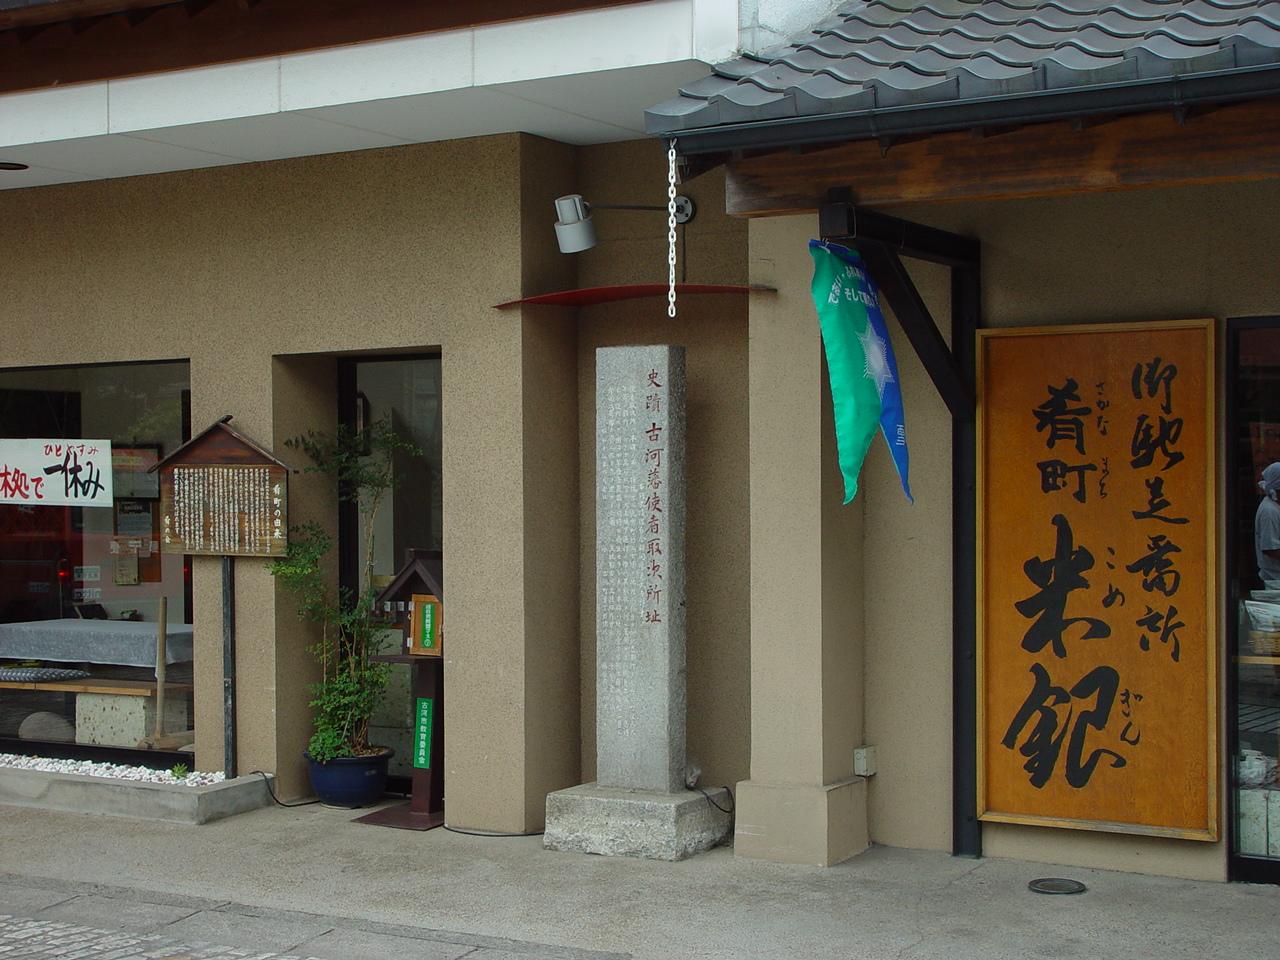 肴町 米銀店舗入り口付近に設置された、古河藩使者取次所(御馳走番所)の石碑